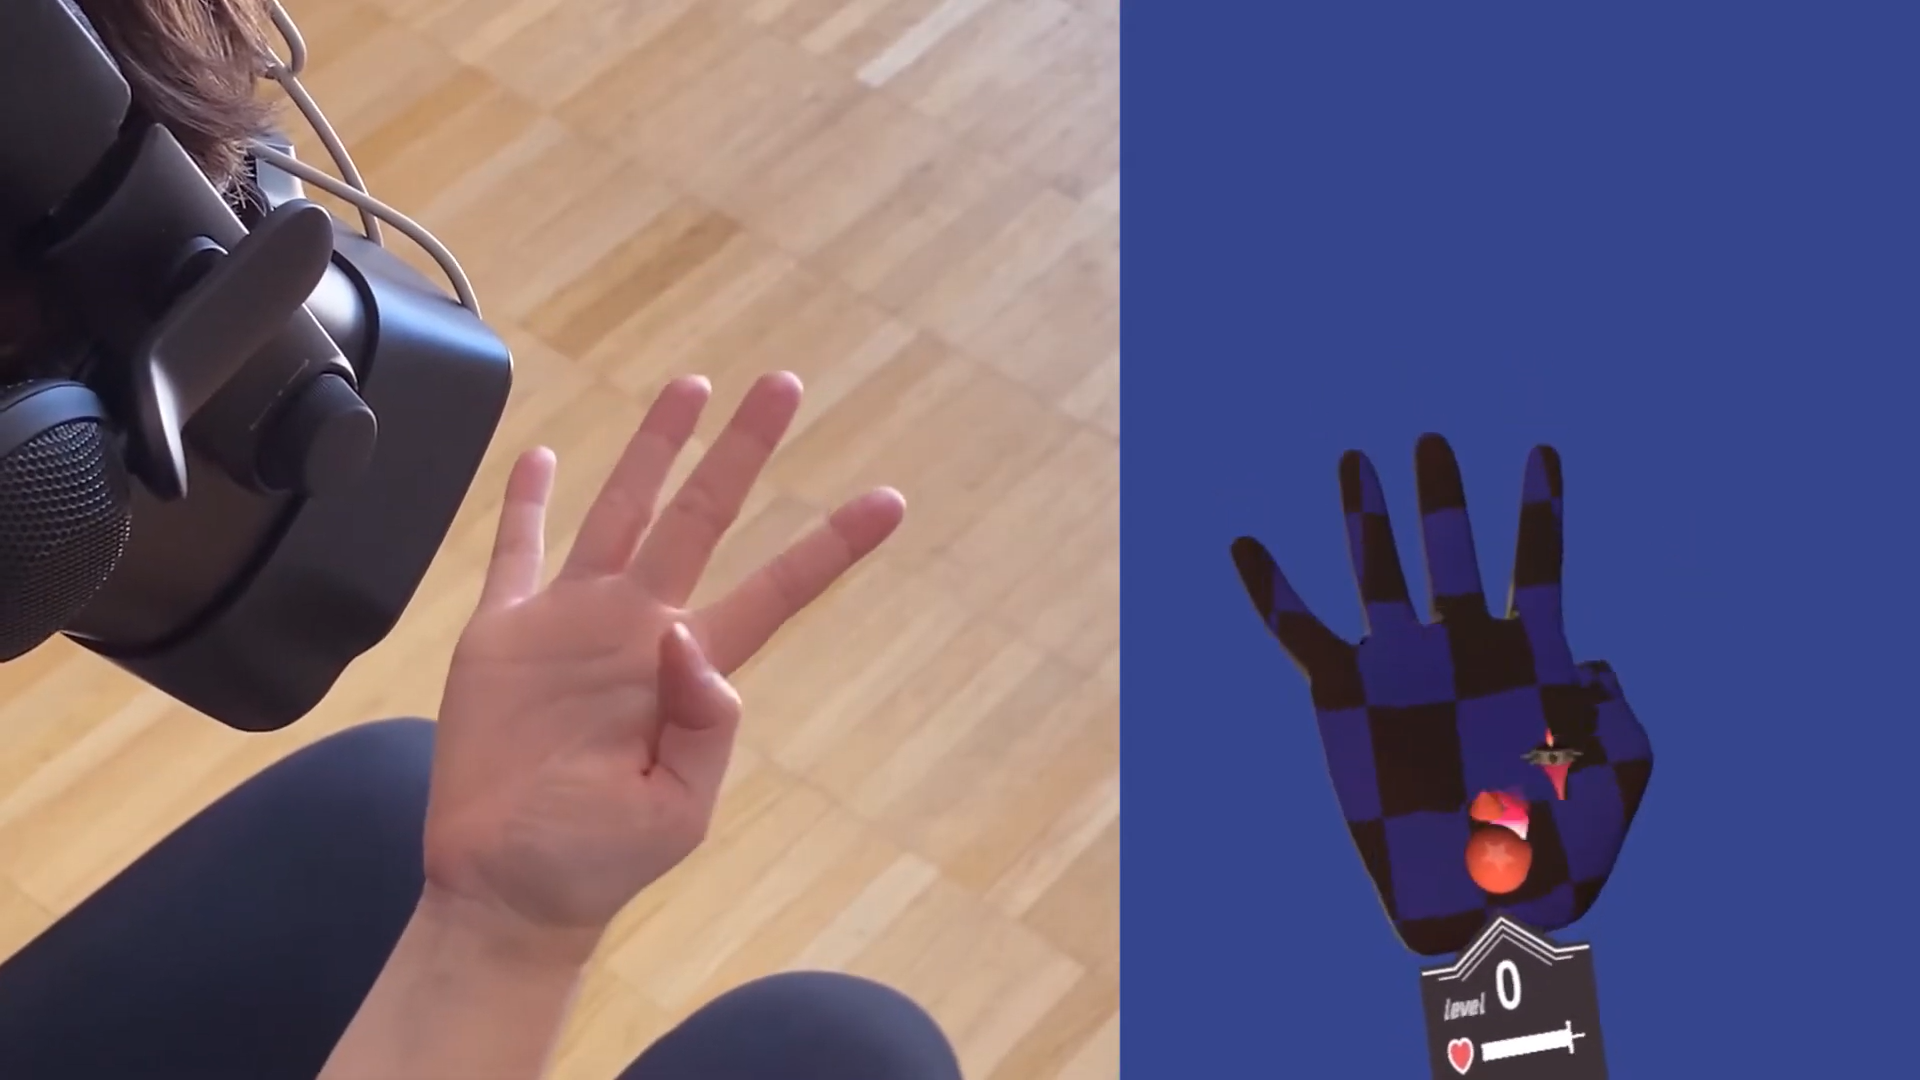 И руки превращаются в VR-дисплей изображение проецируется прямо на ладонь